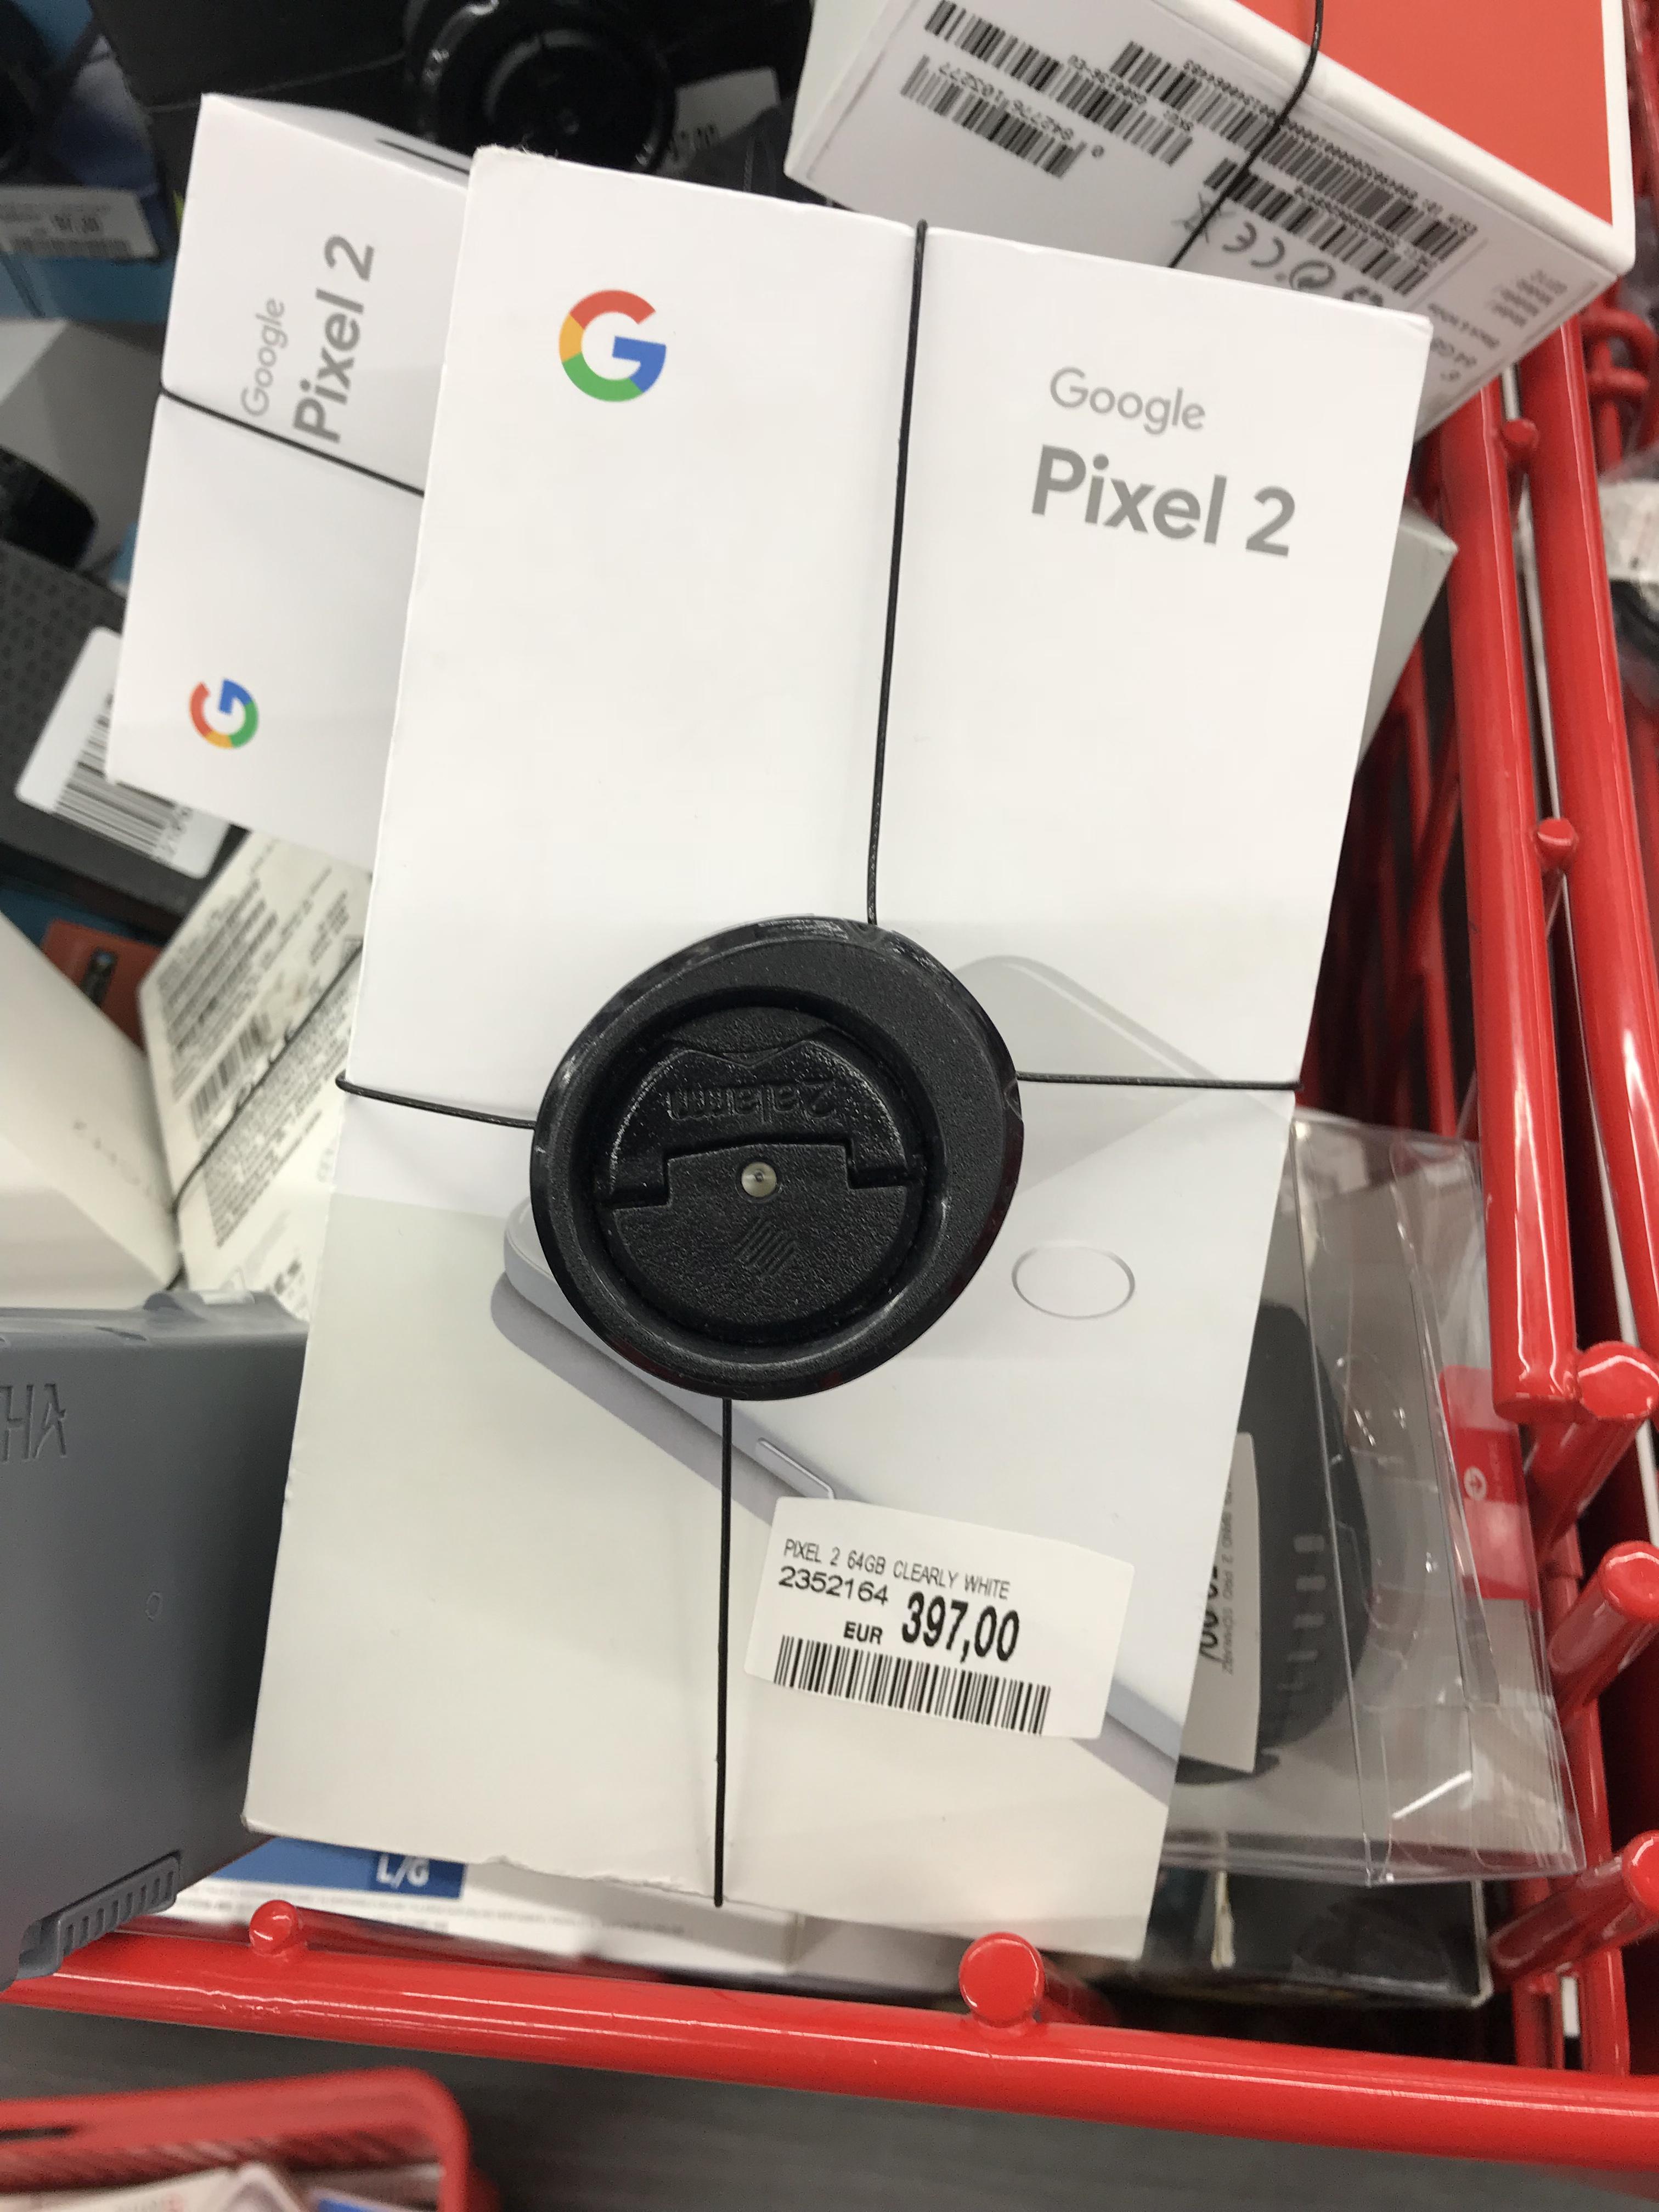 Google Pixel 2 64gb für 397 Euro & Pixel 2XL 447 bei Mediamarkt Freiburg